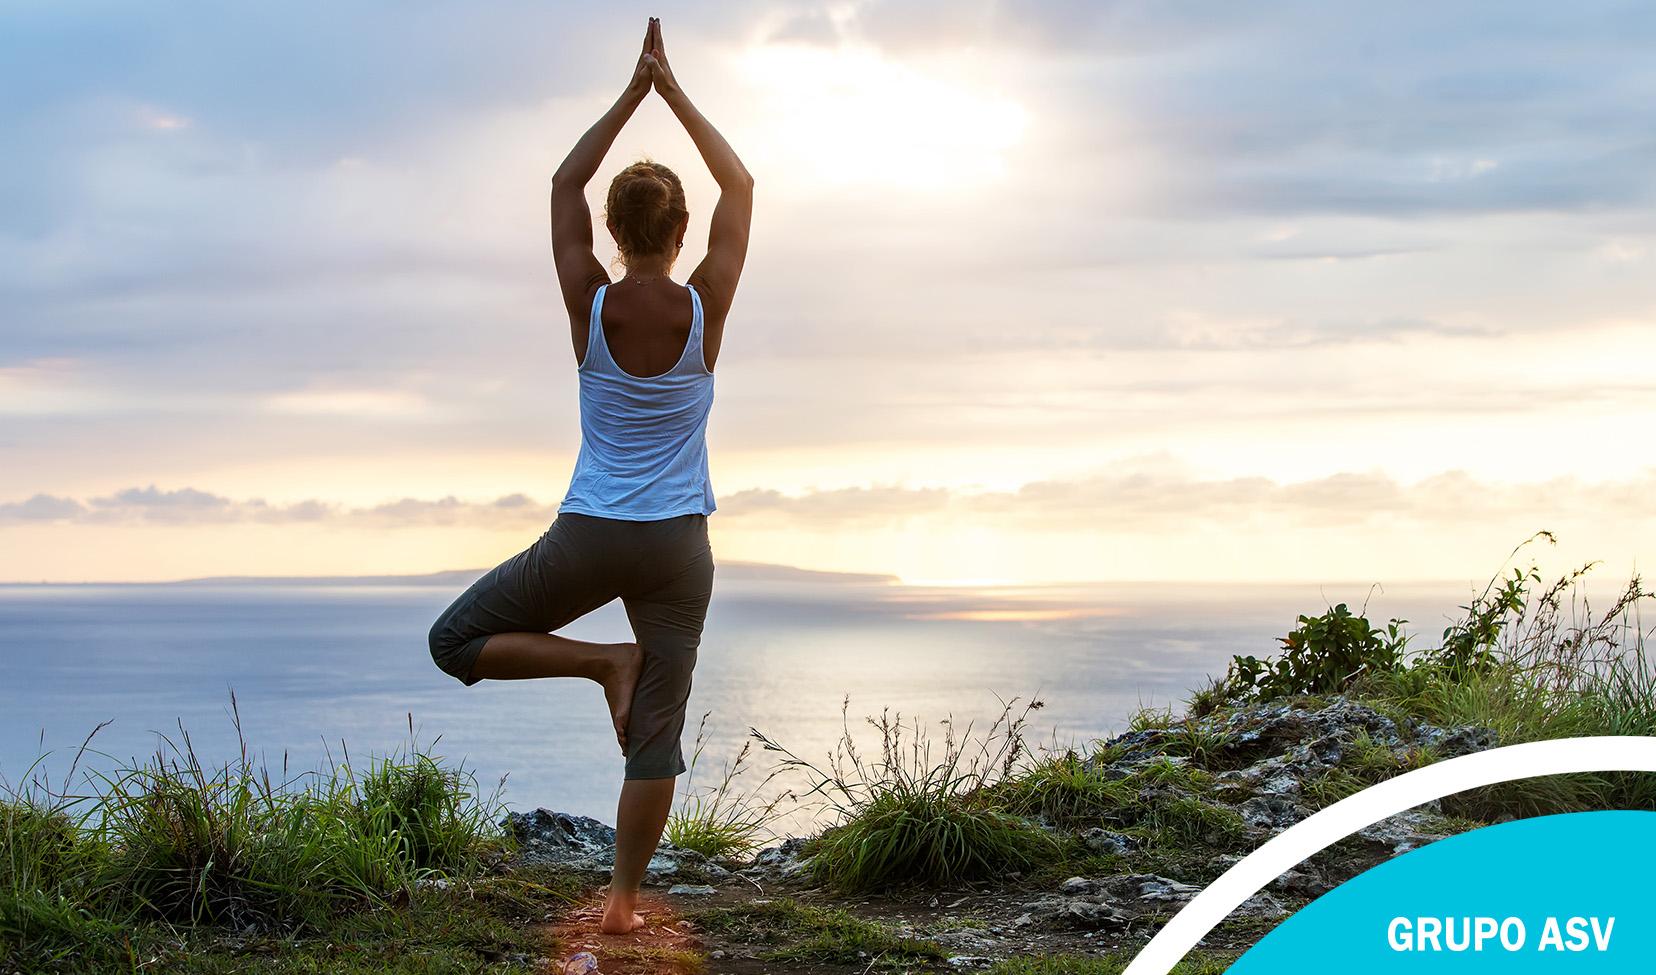 El yoga como práctica que puede ayudar en el proceso de duelo